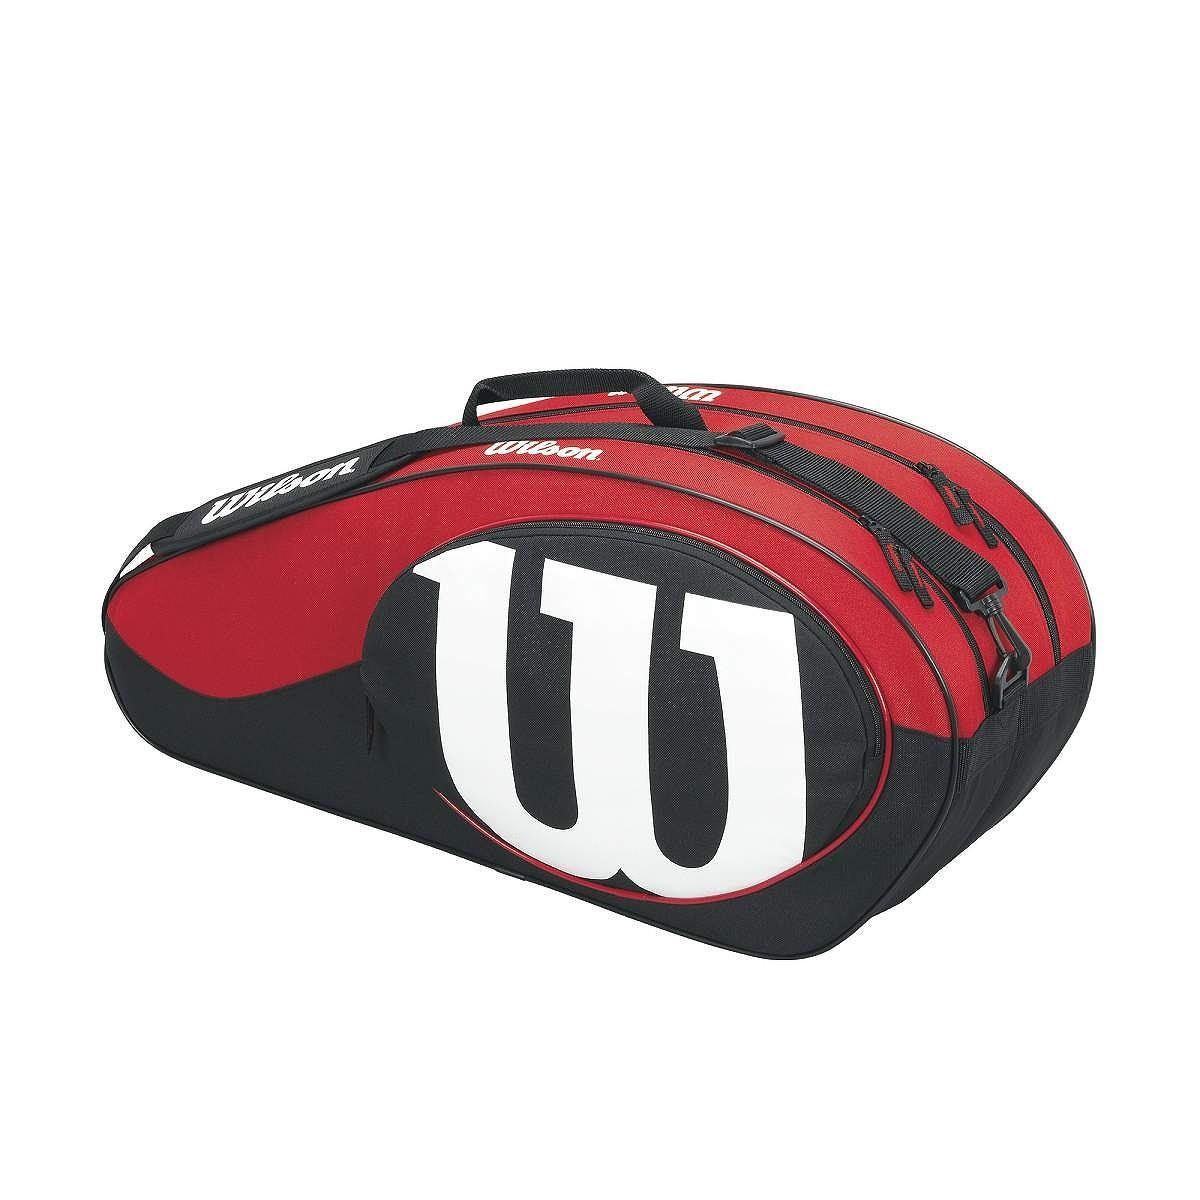 Torba tenisowa Wilson Match II 6 Pack